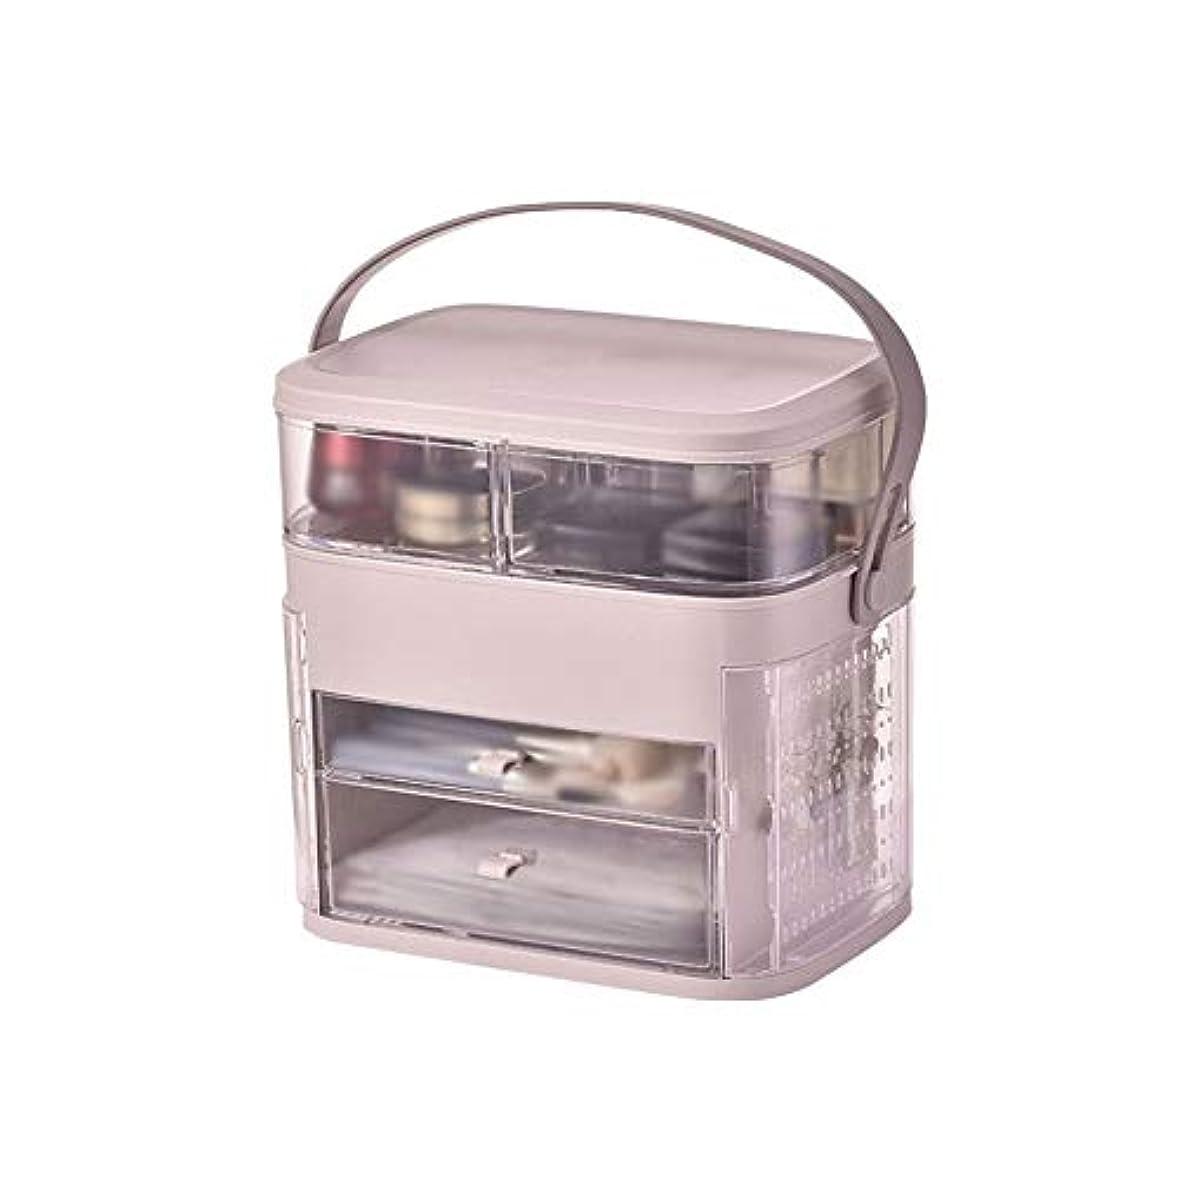 合わせてラジエーターラフトメイクボックス イヤリング収納 コスメボックス 化粧品収納ボックス スキンケア用品収納 洗面所 透明 手提げ付き 持ち運び 旅行 トラベル 大容量 シンプル ジュエリー収納 ホワイト ピンク